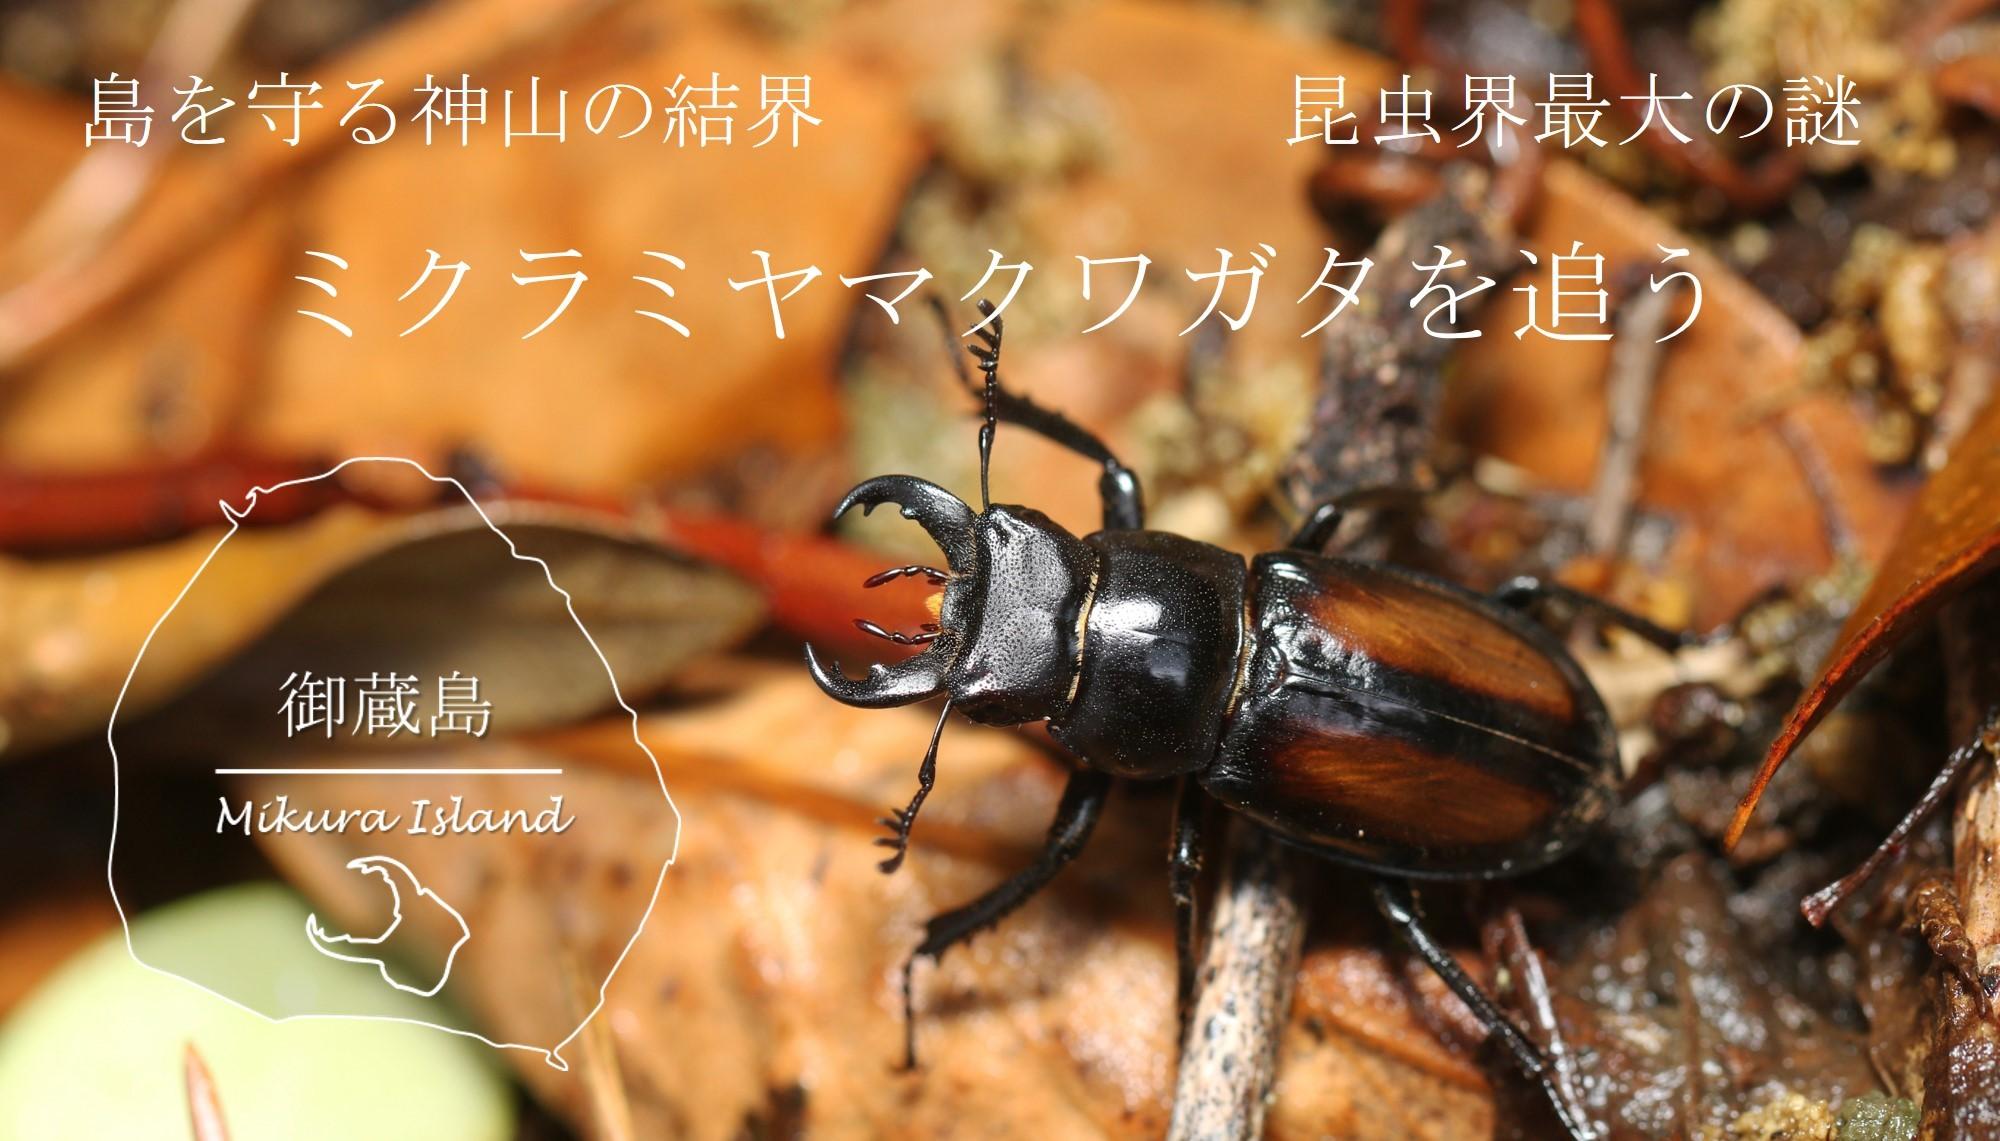 昆虫界最大の謎を追って!御蔵島, 神山の結界をまたぐ ~ミクラミヤマクワガタ~_a0386621_15074808.jpg